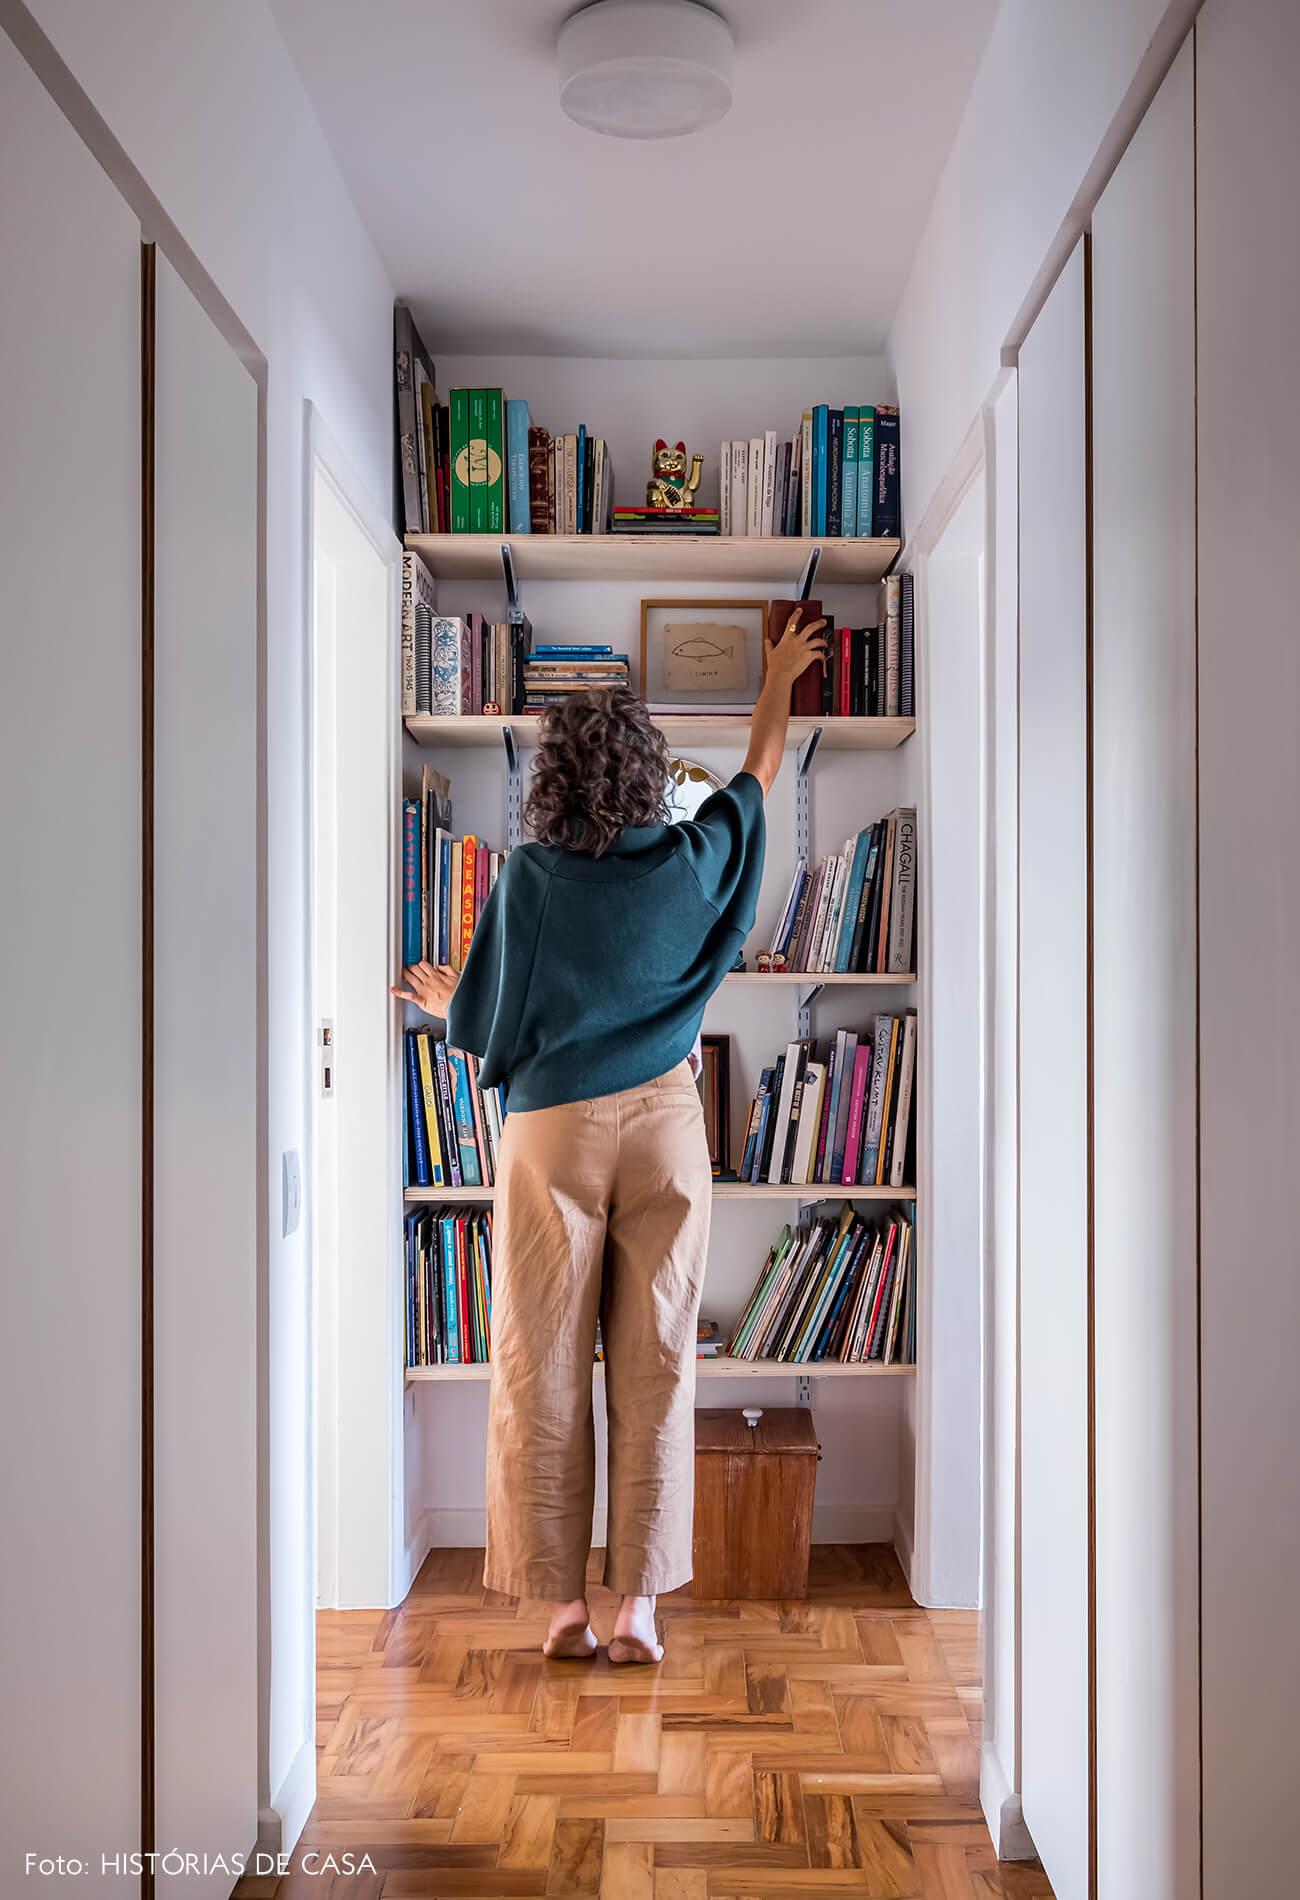 Corredor de apartamento com prateleiras estreitas e espelho